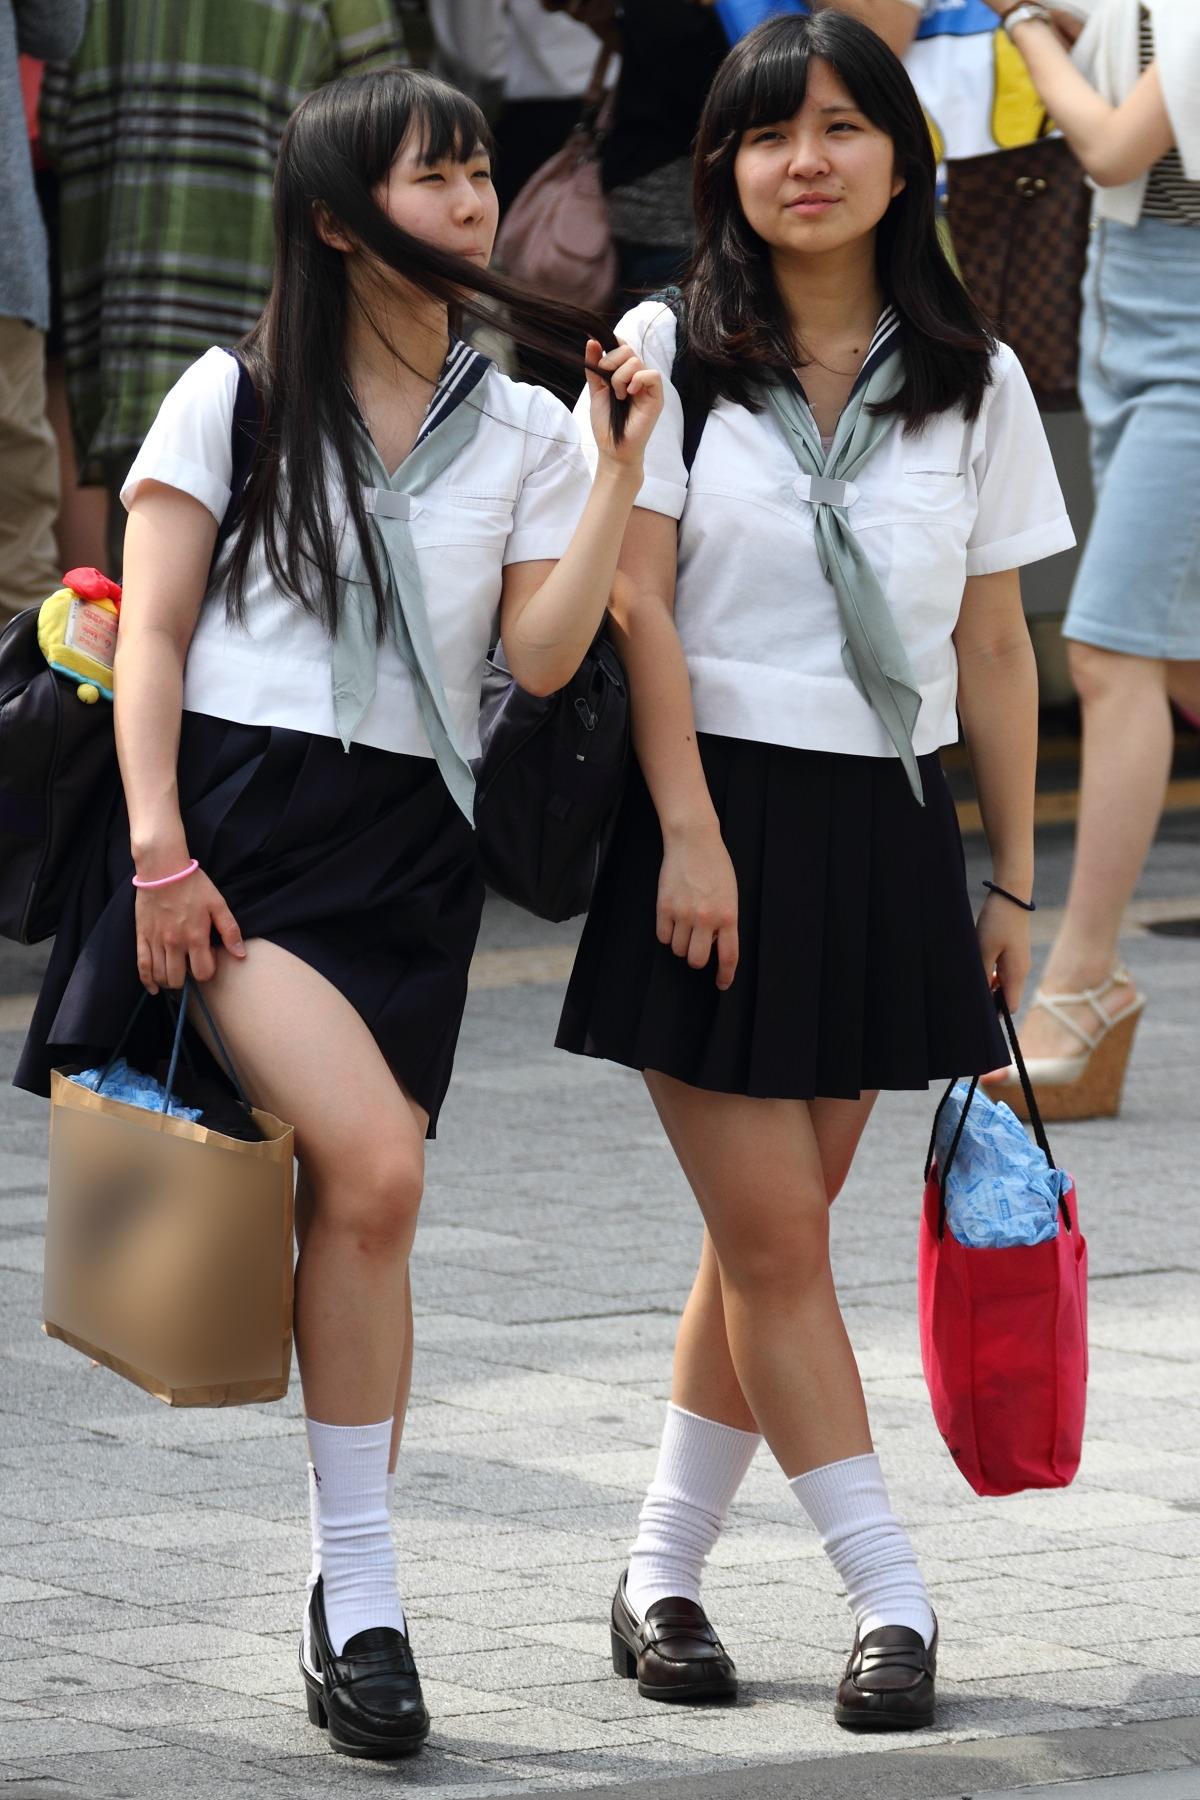 黒髪ロングの制服JK画像をくださいwwwwwwwwww 44QsFqy